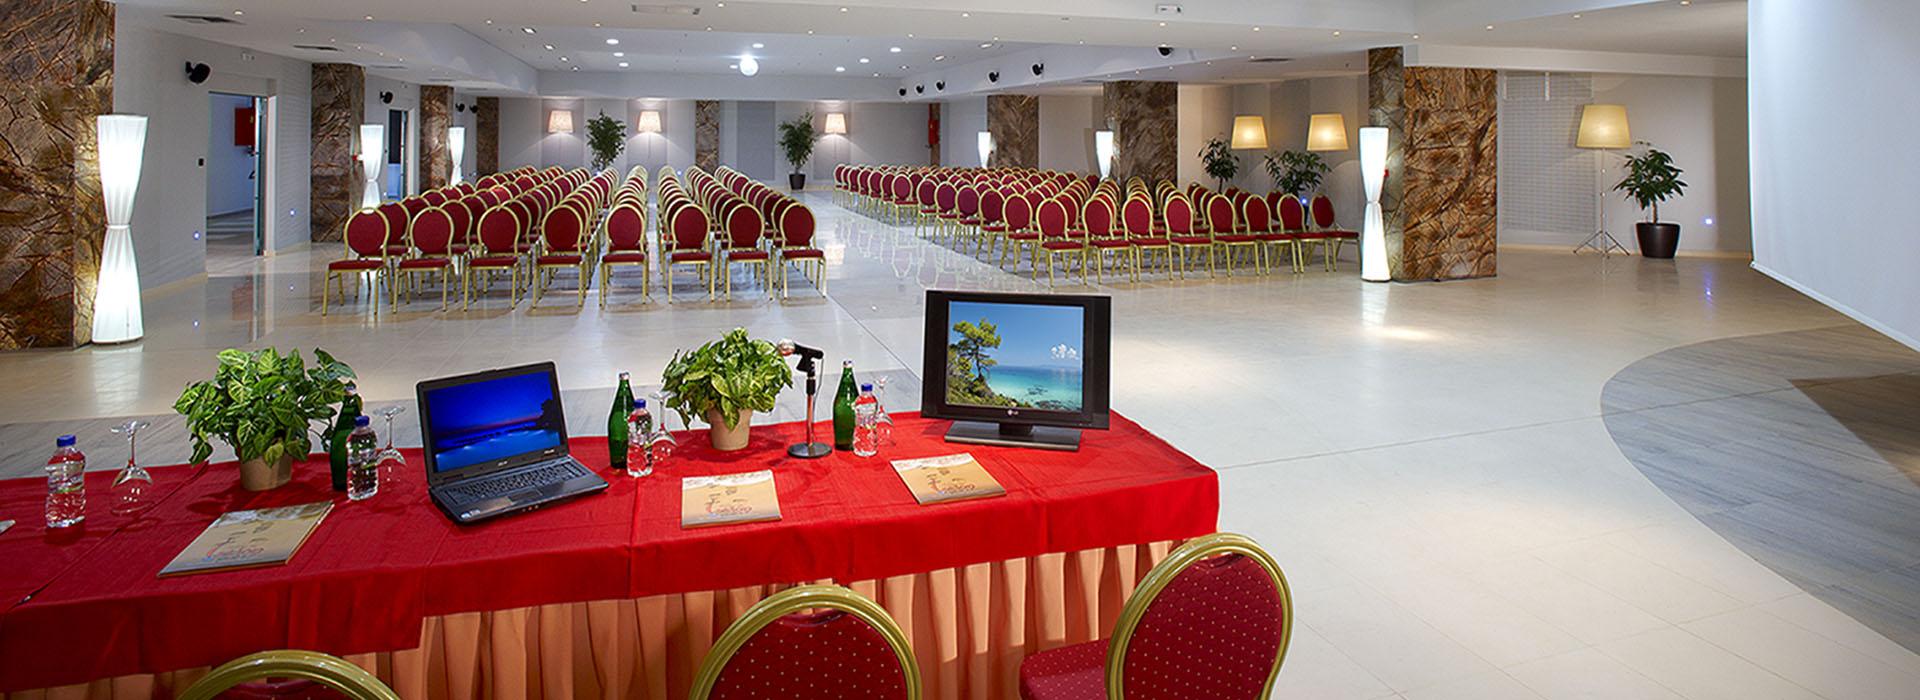 Conferences__Events_copy